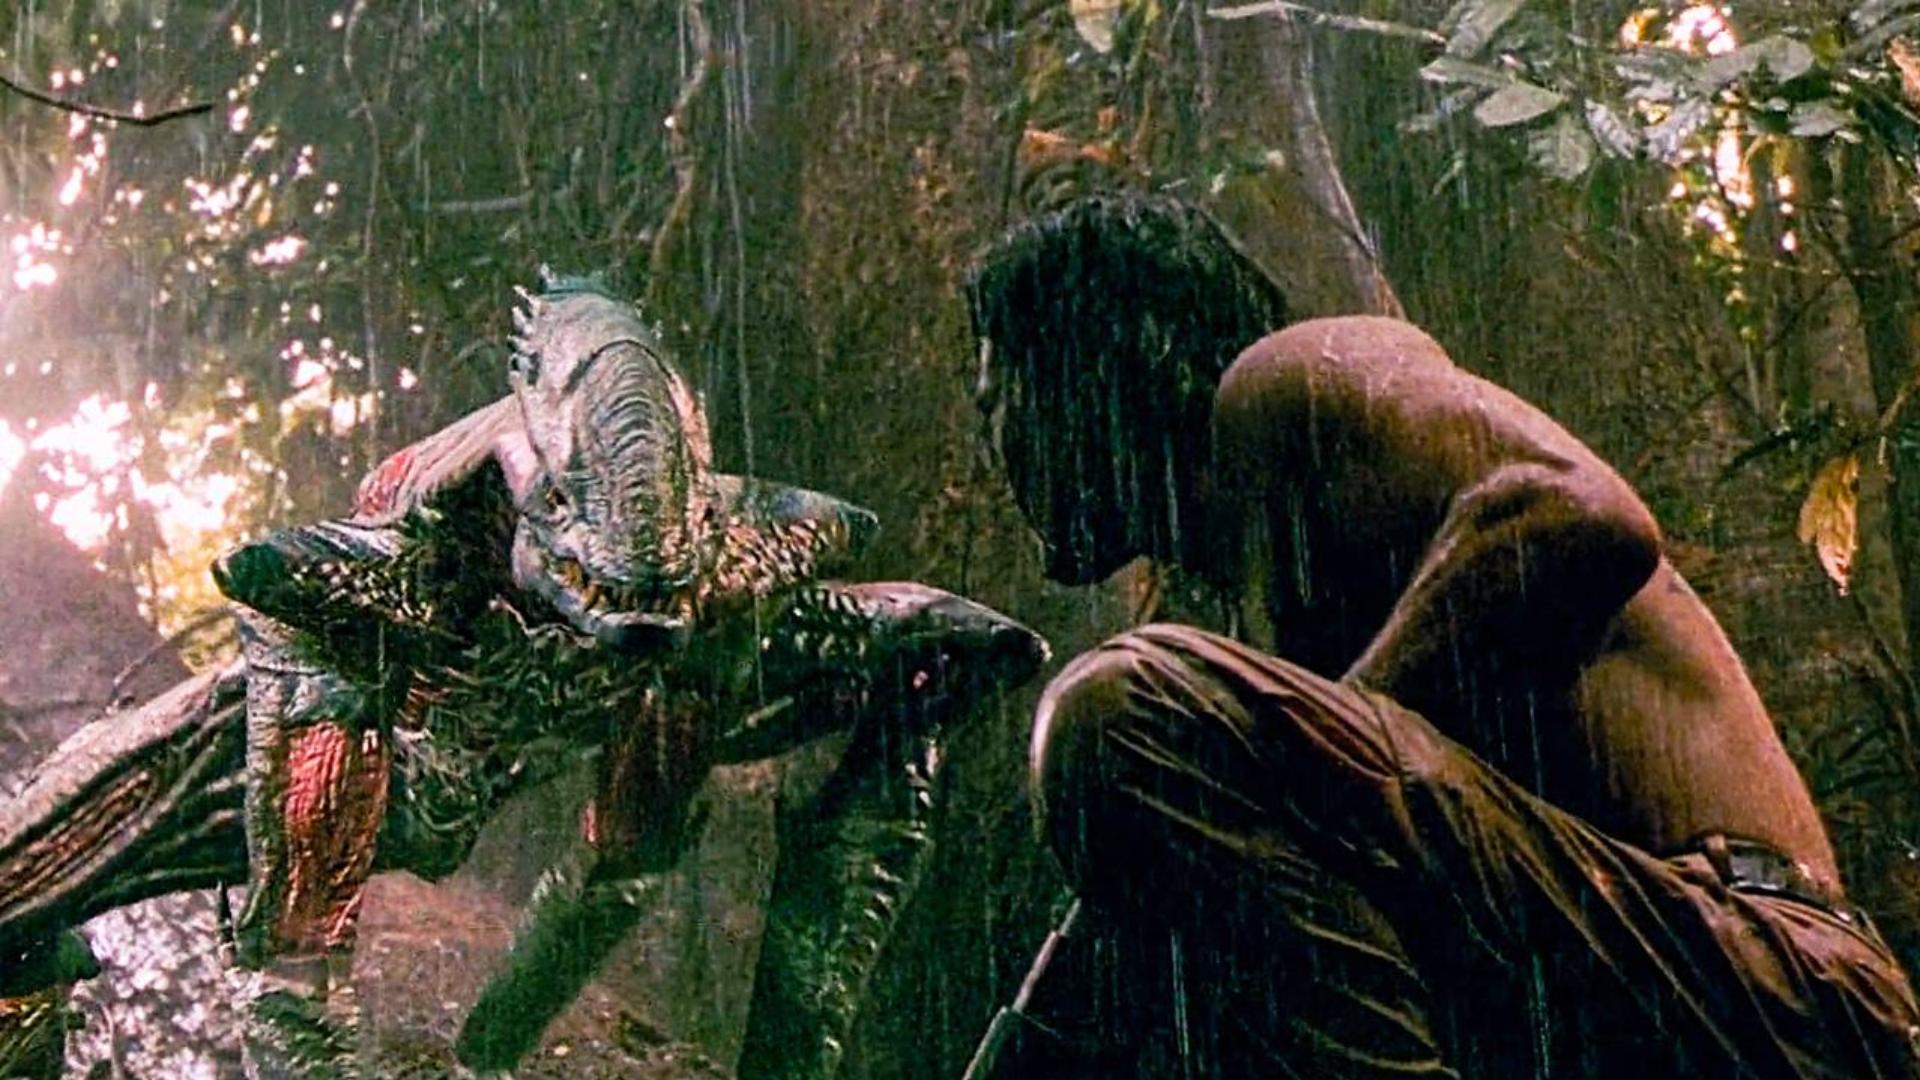 专家发现古生物骸骨,将其复活,没想到却引发了巨大灾难